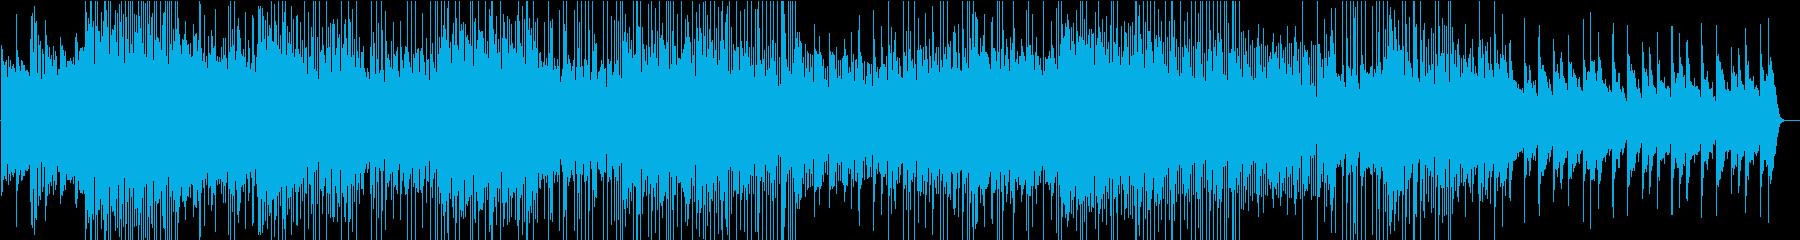 宇宙感のある不思議なBGMの再生済みの波形